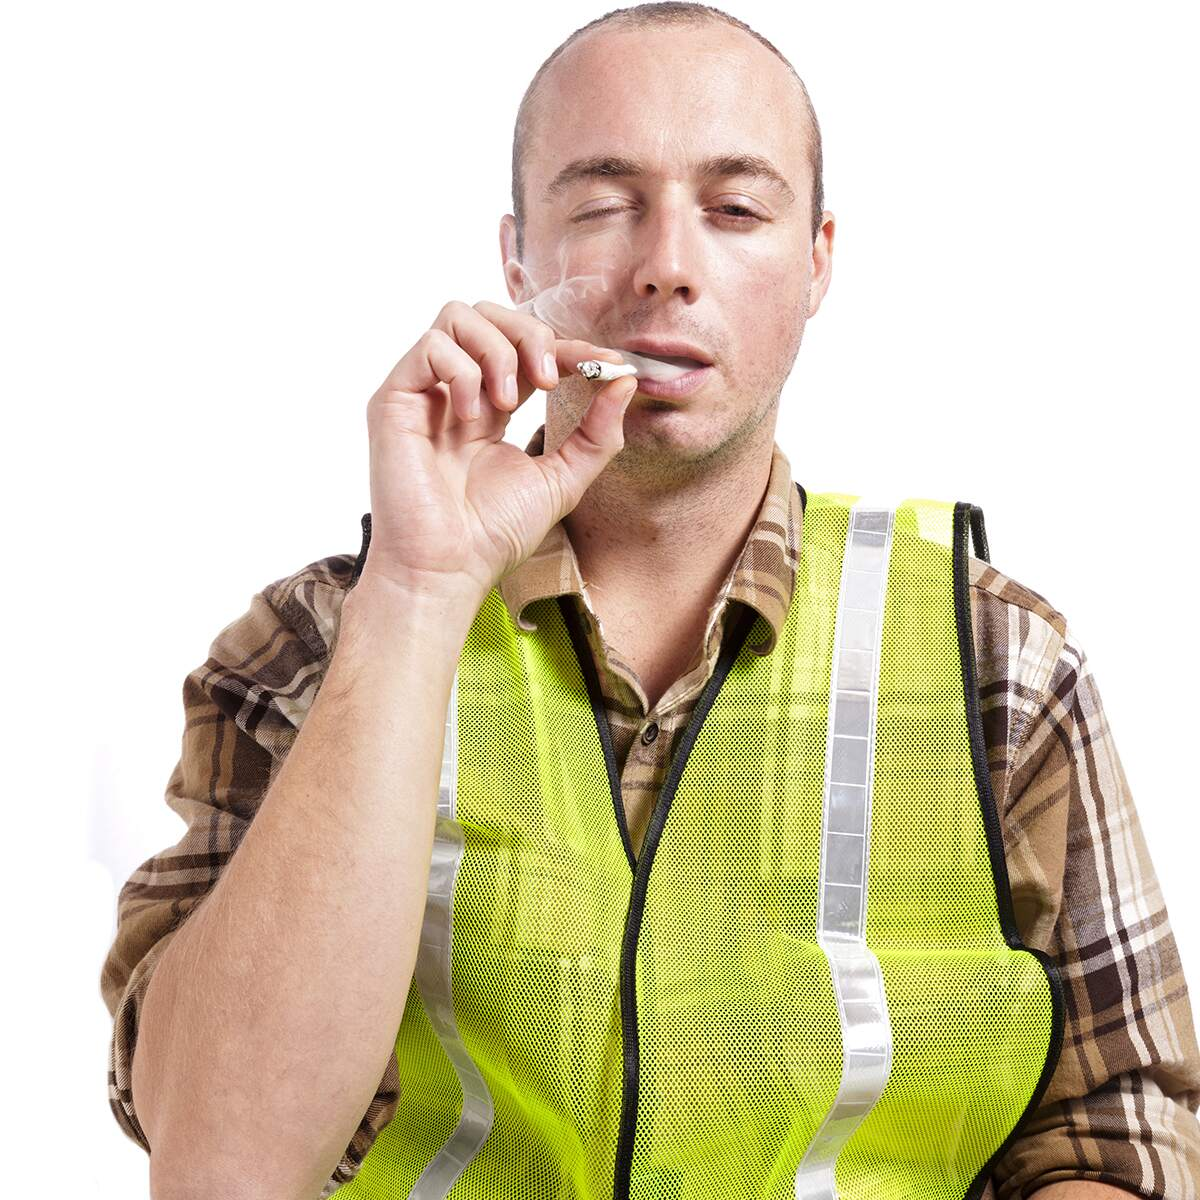 Drug Test male road worker